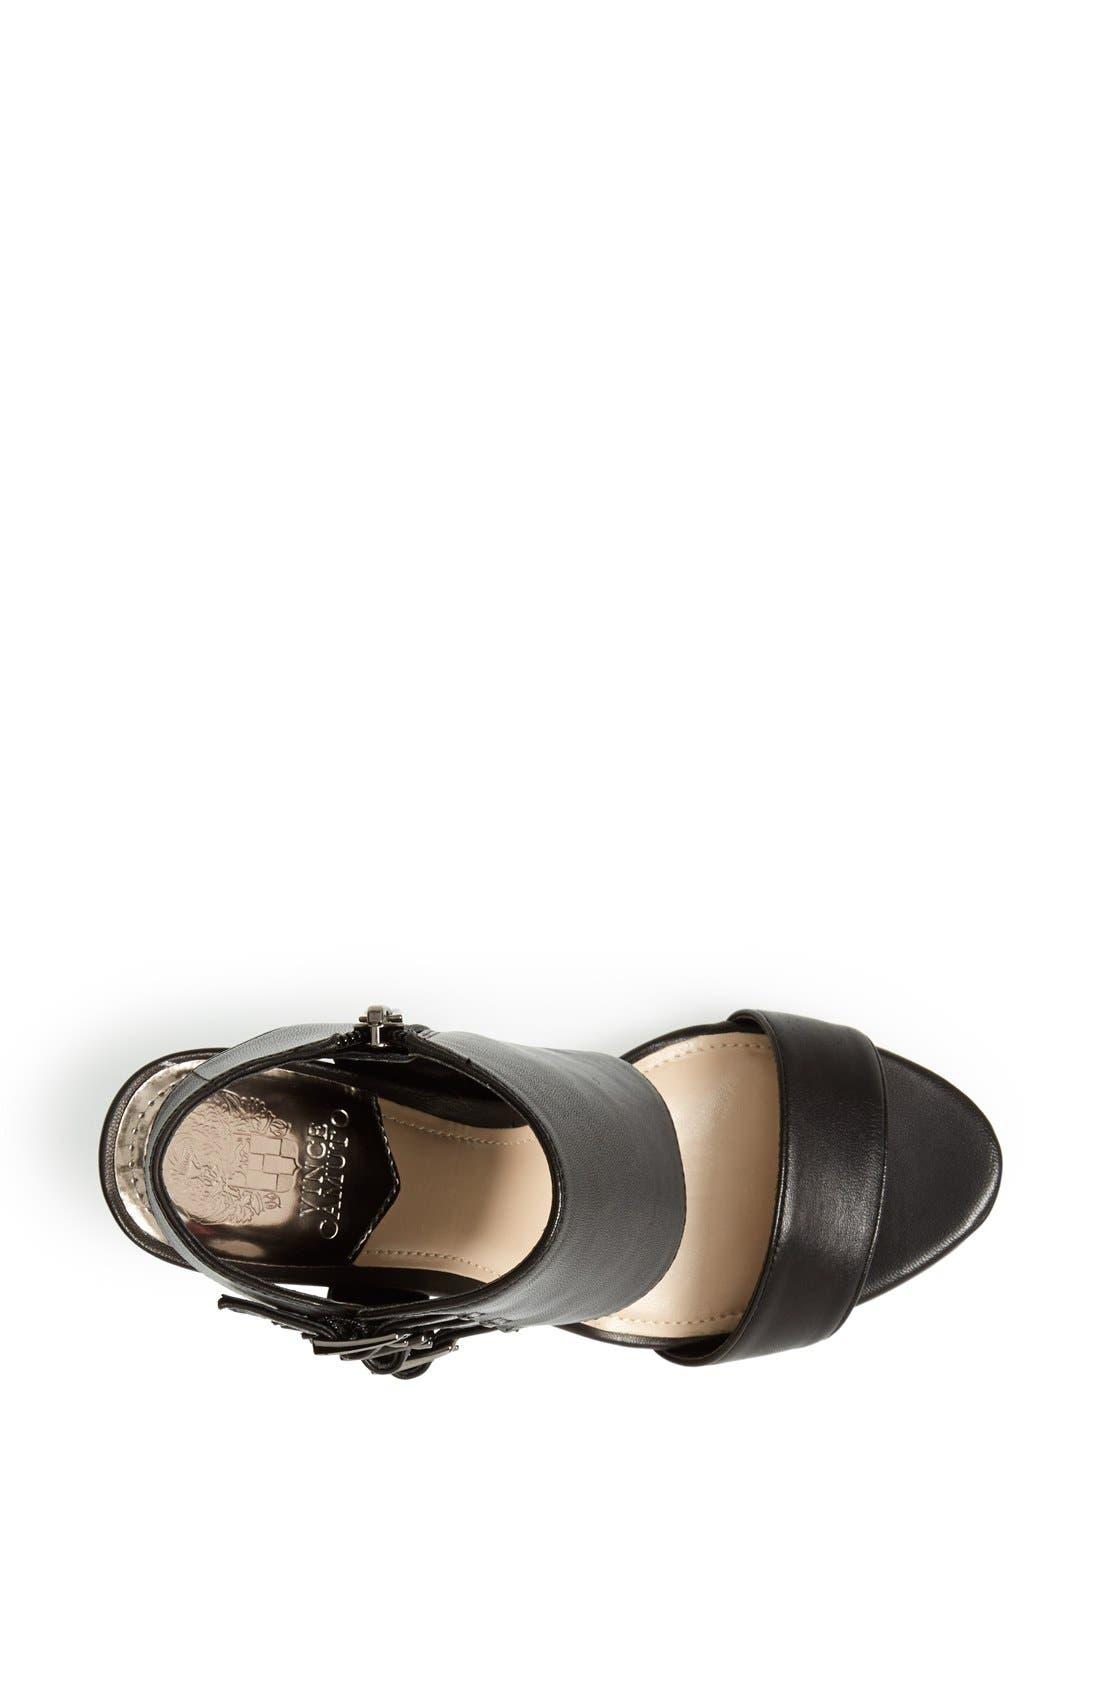 Alternate Image 3  - Vince Camuto 'Edrika' Sandal